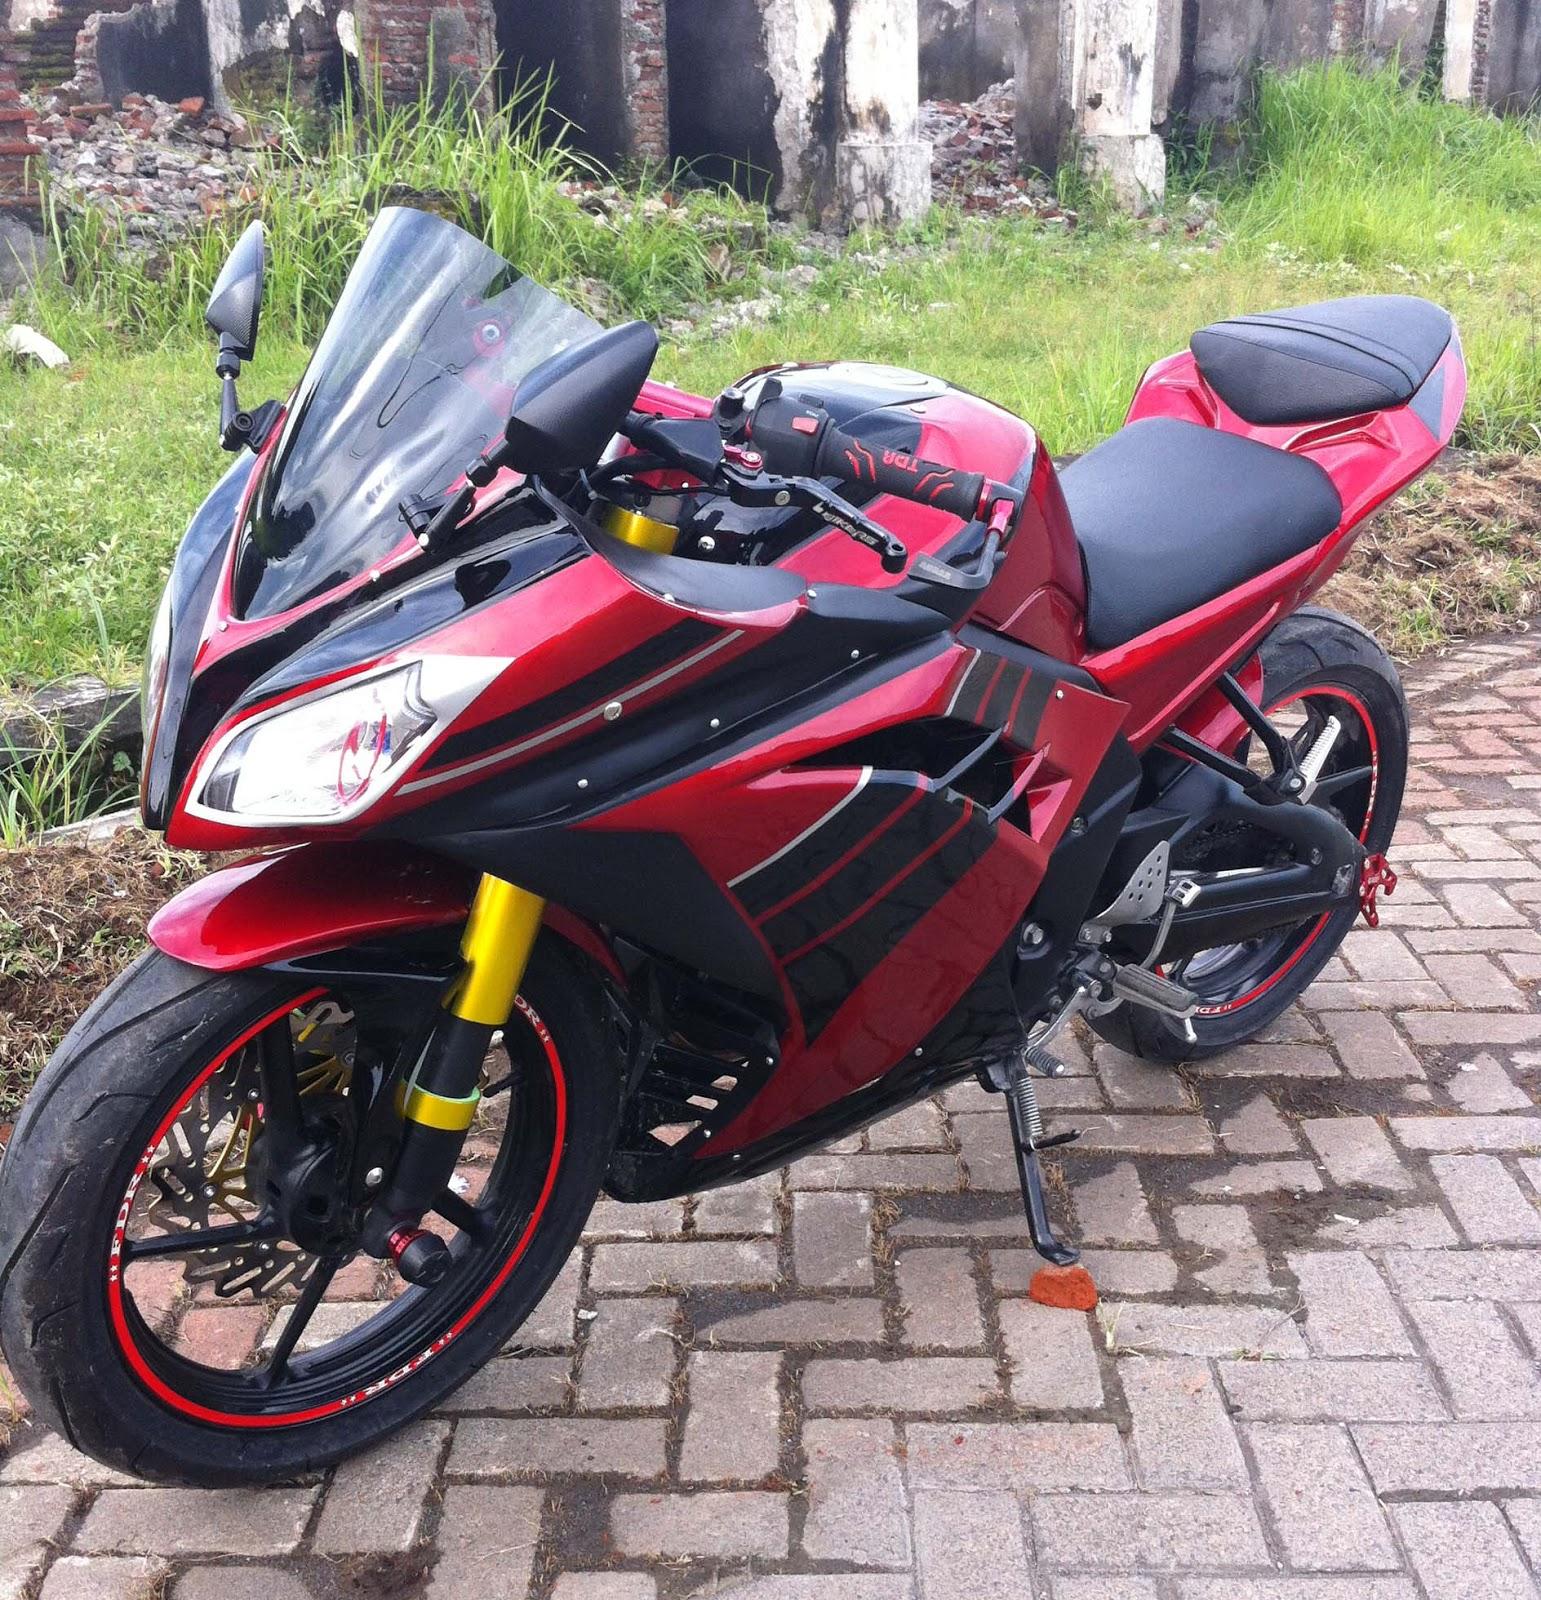 95 Modifikasi Motor Byson Fairing Ninja Sobat Modifikasi